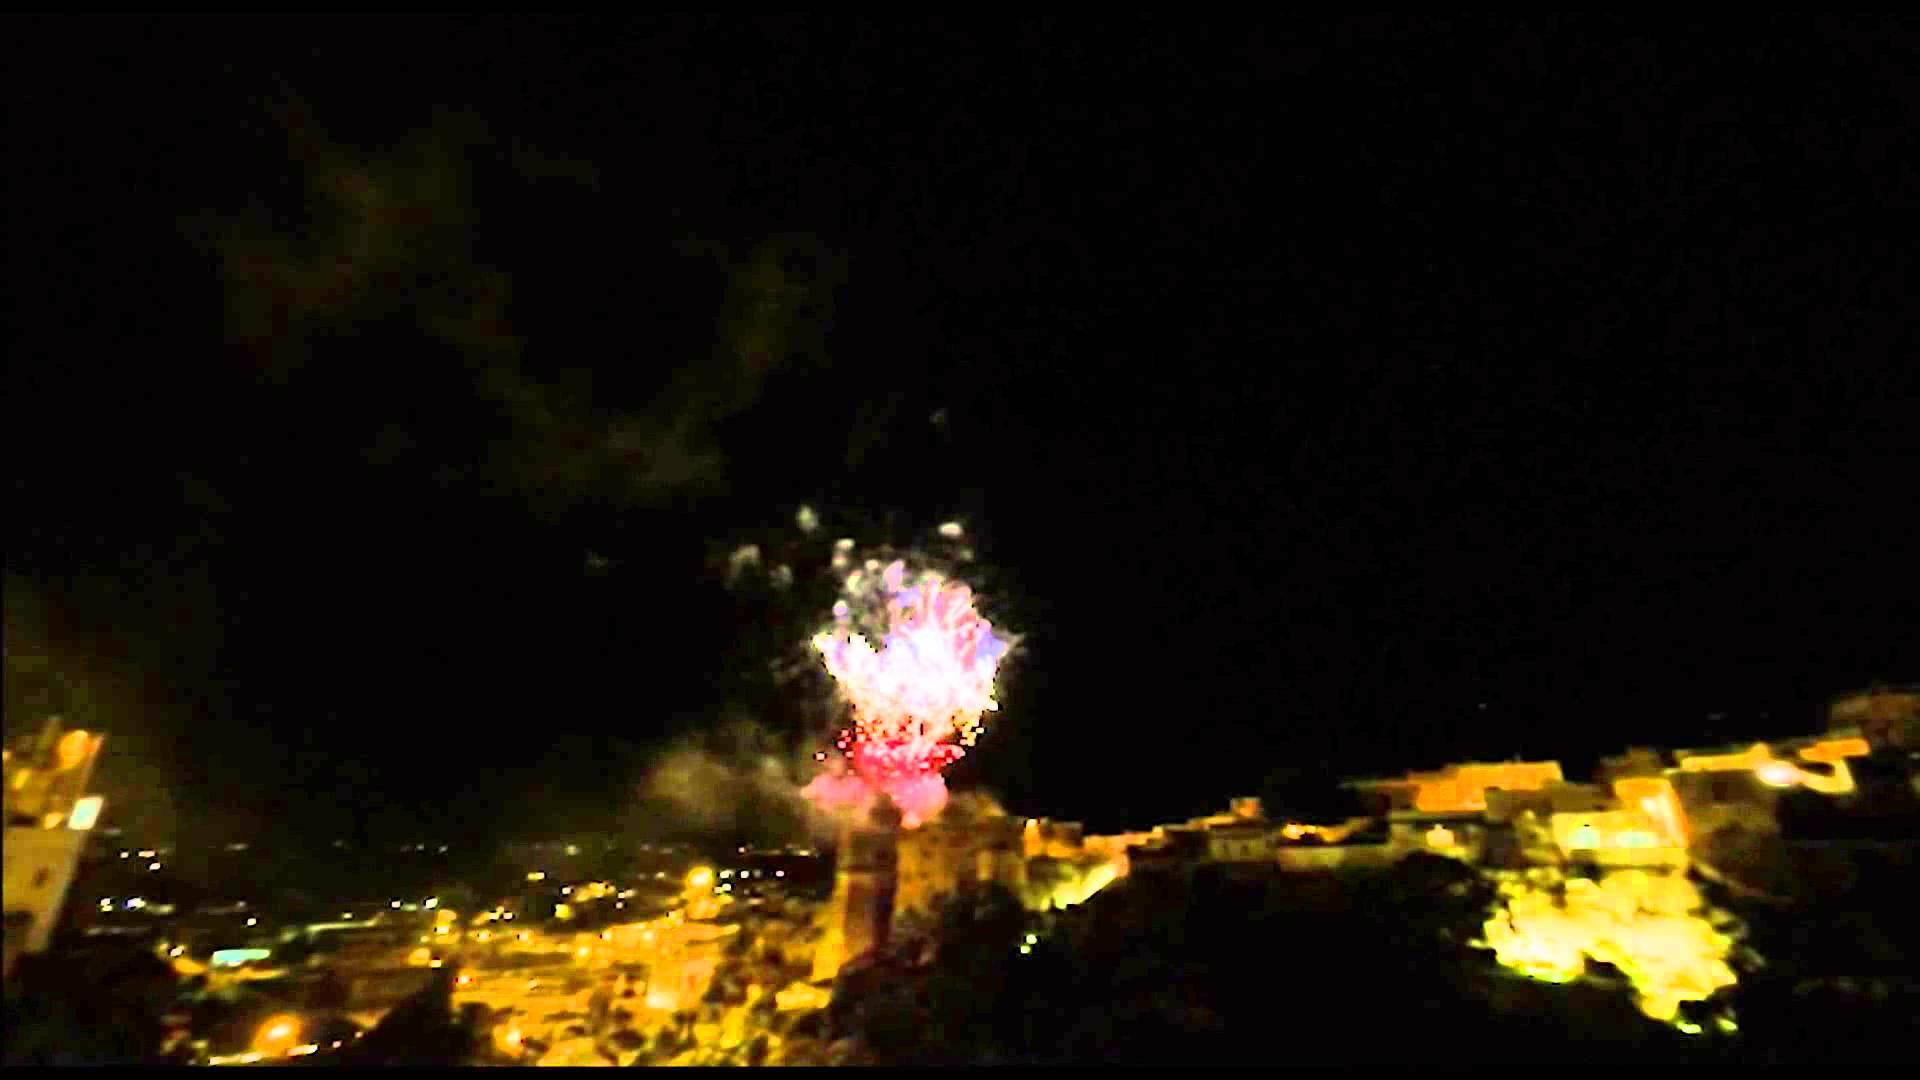 Puglia, terrore tra la folla, durante festa i fuochi pirotecnici colpiscono il pubblico che assisteva, alcune persone ustionate – video